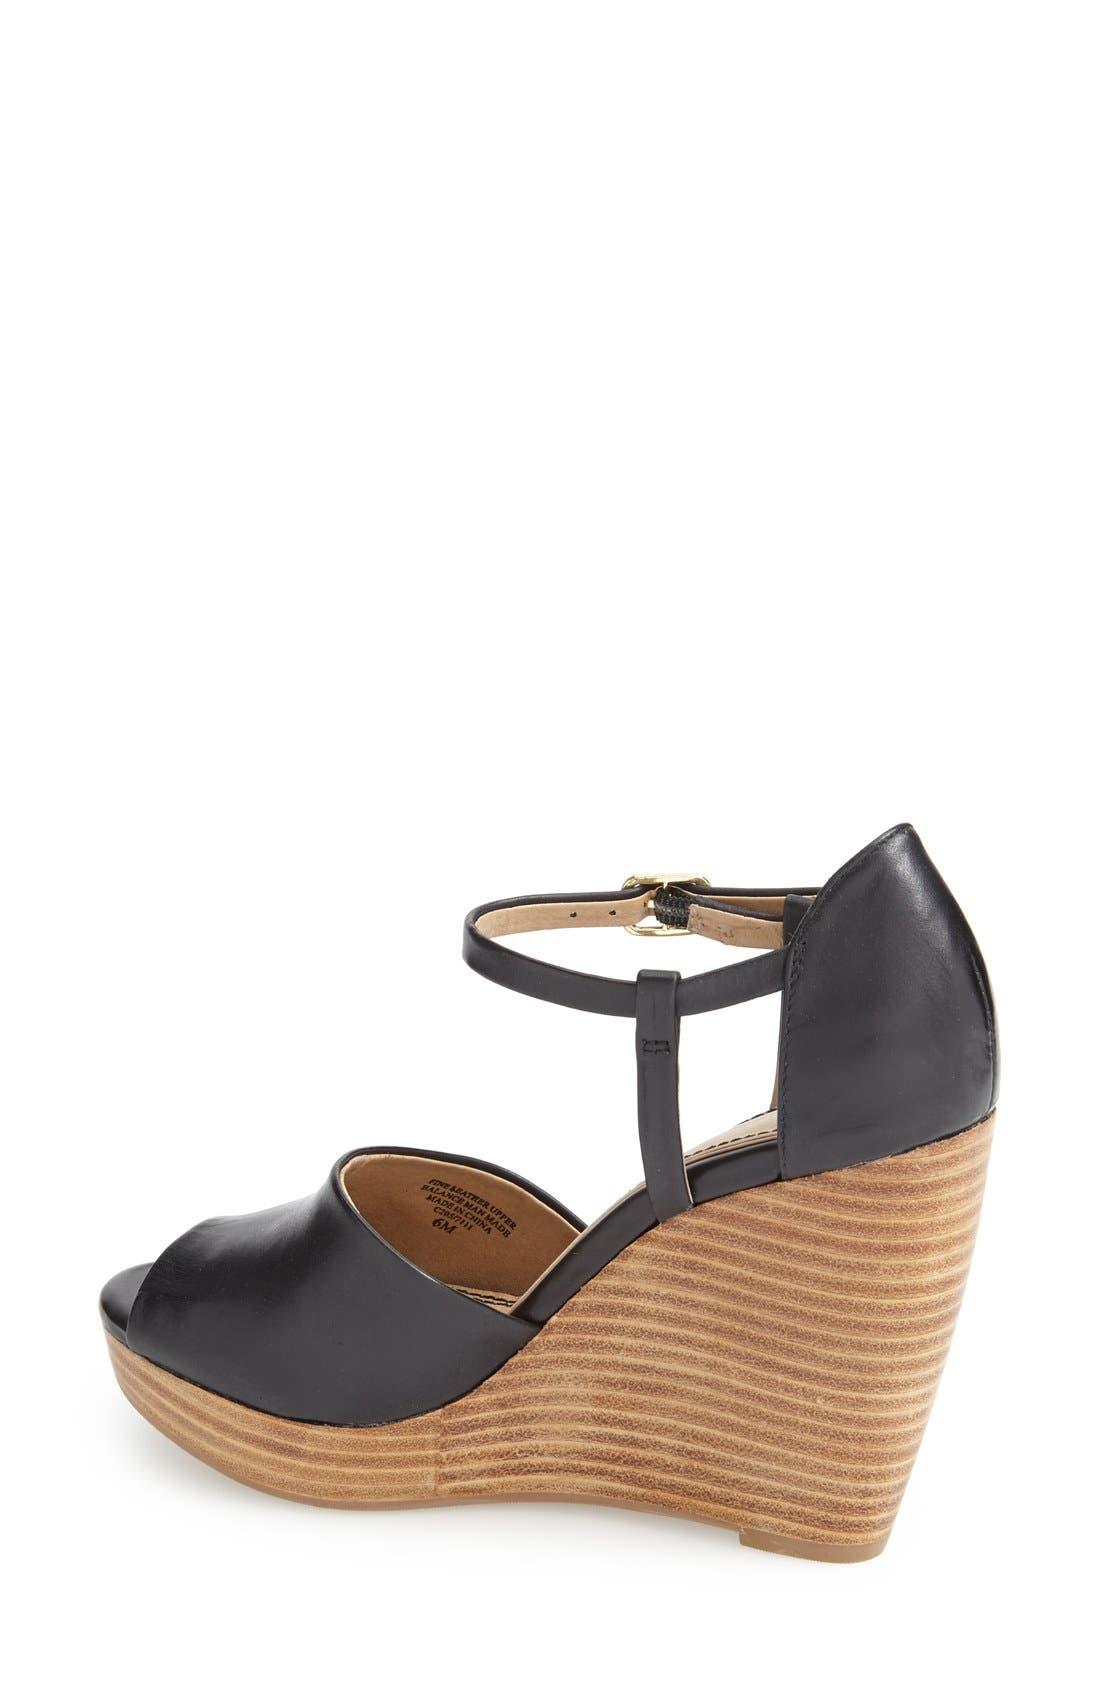 Alternate Image 2  - Splendid 'Davie' Leather Ankle Strap Wedge Sandal (Women)